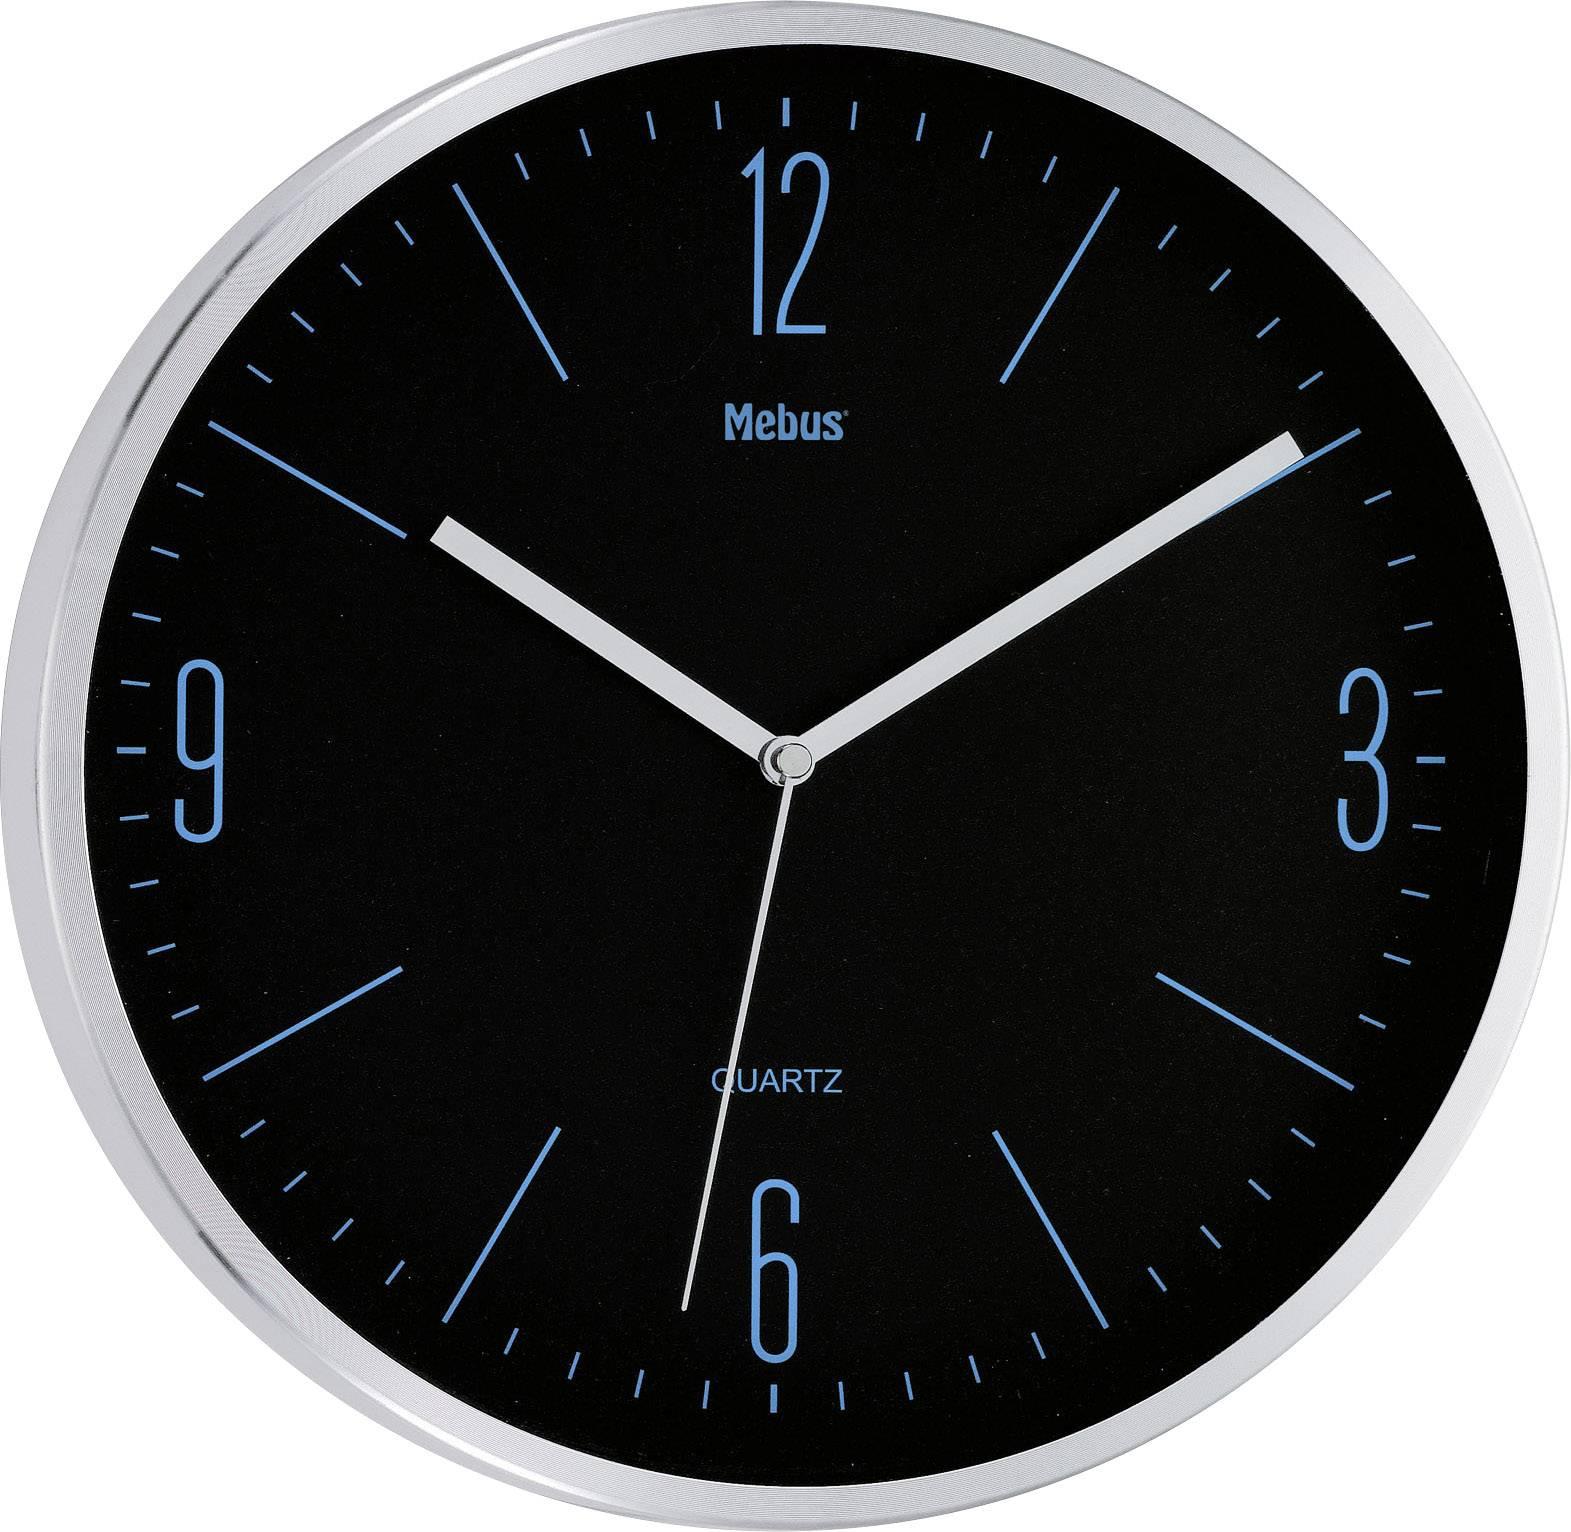 Quartz nástenné hodiny Mebus 16317, vonkajší Ø 30 cm, strieborná